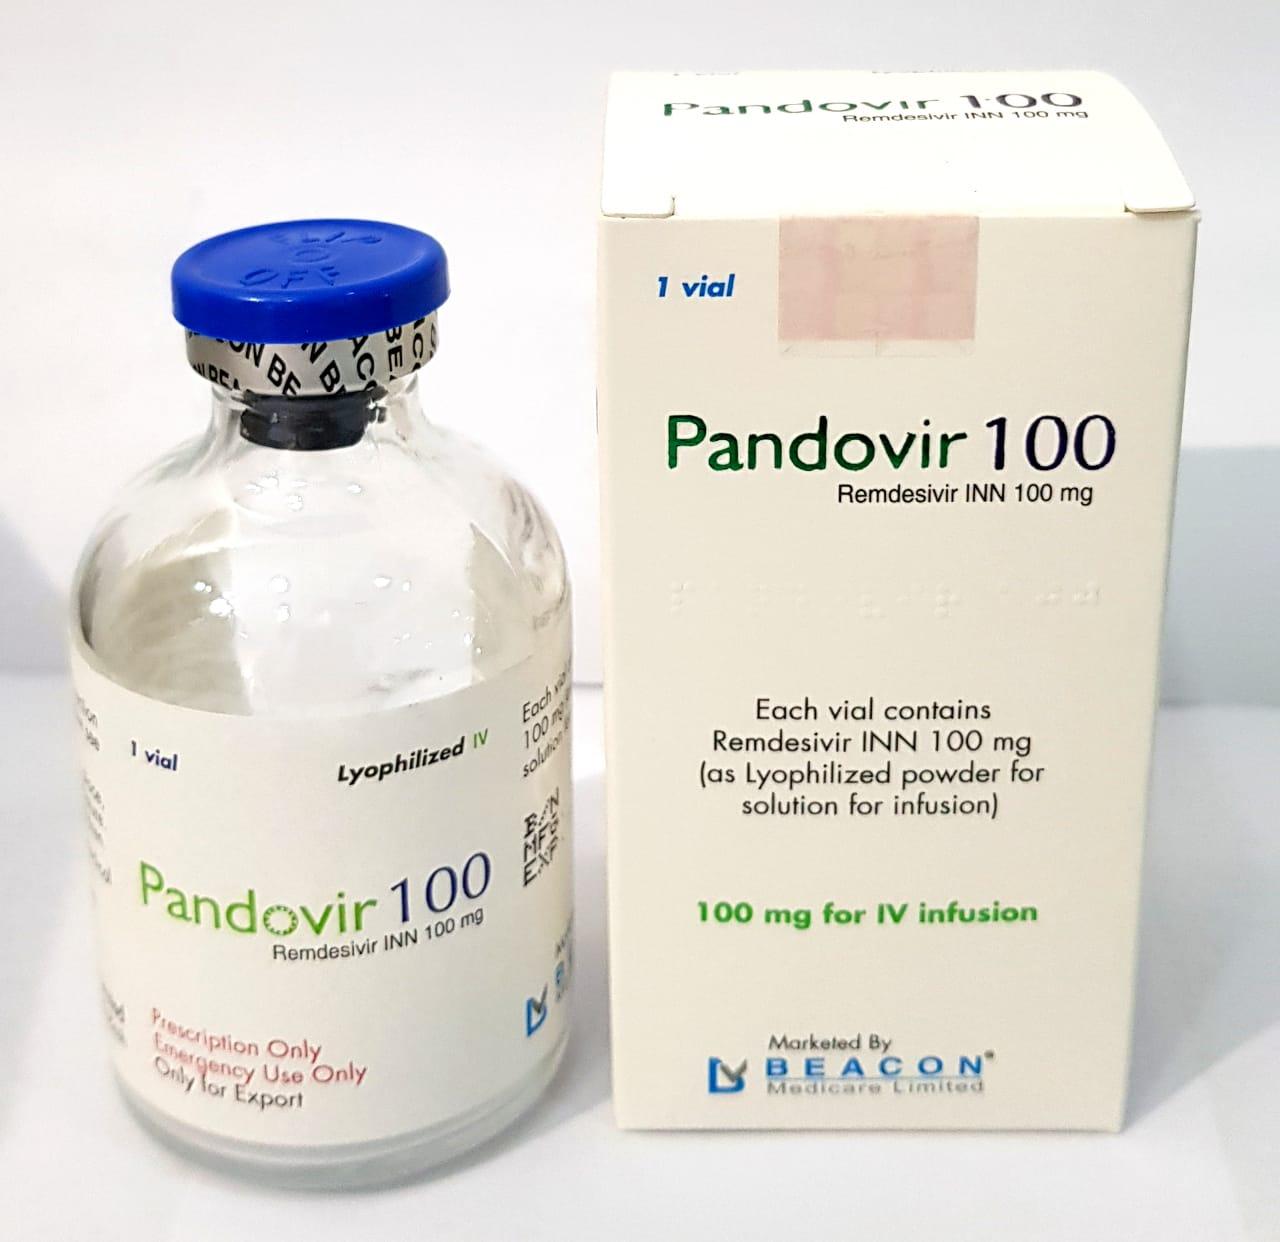 pandovir 100